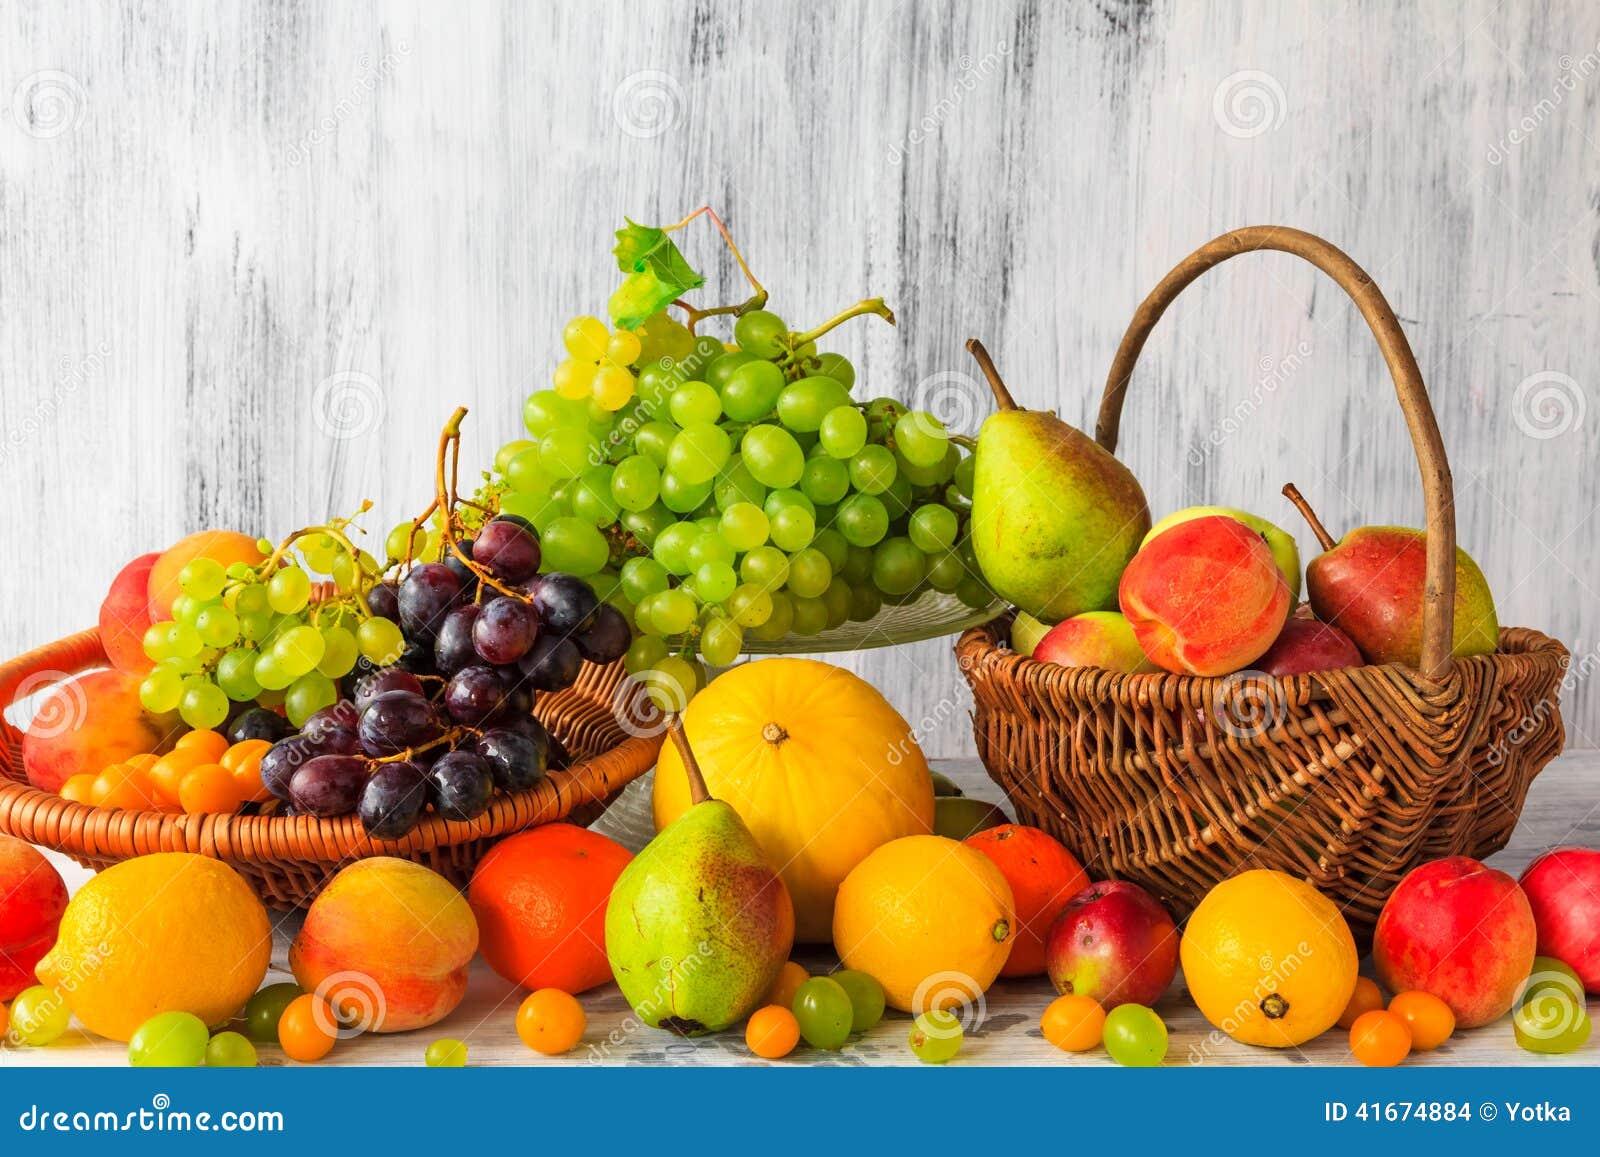 Foodesign Fresh Fruit Basket: Wooden Table Full Fresh Fruit Baskets Stock Photo